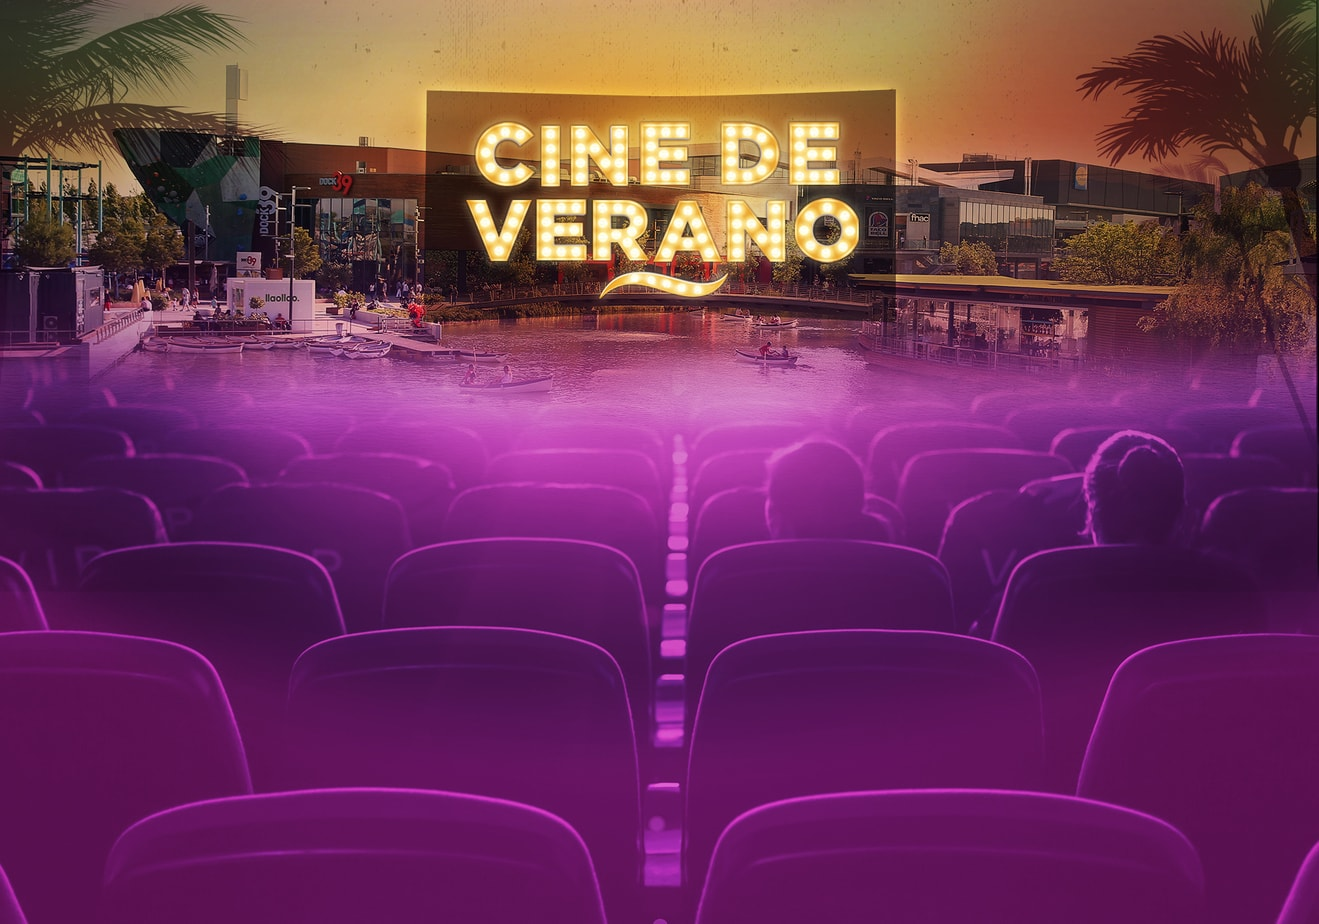 Ilustración, modelado 3D y diseño integral de espacio para Cine de Verano Puerto Venecia